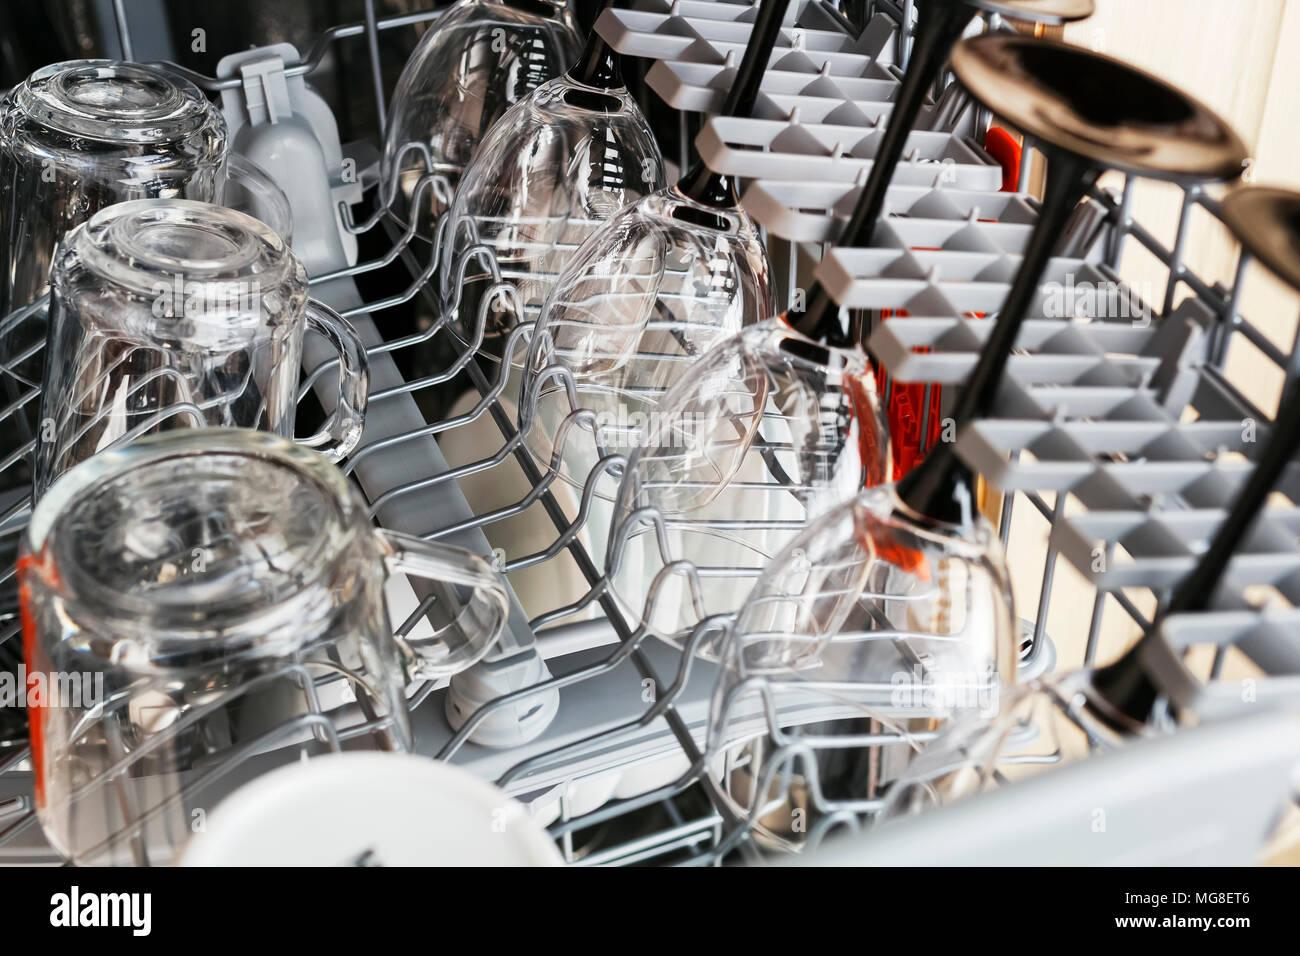 Nettoyer Interieur Lave Vaisselle nettoyer le verre tasses et verres après lavage au lave